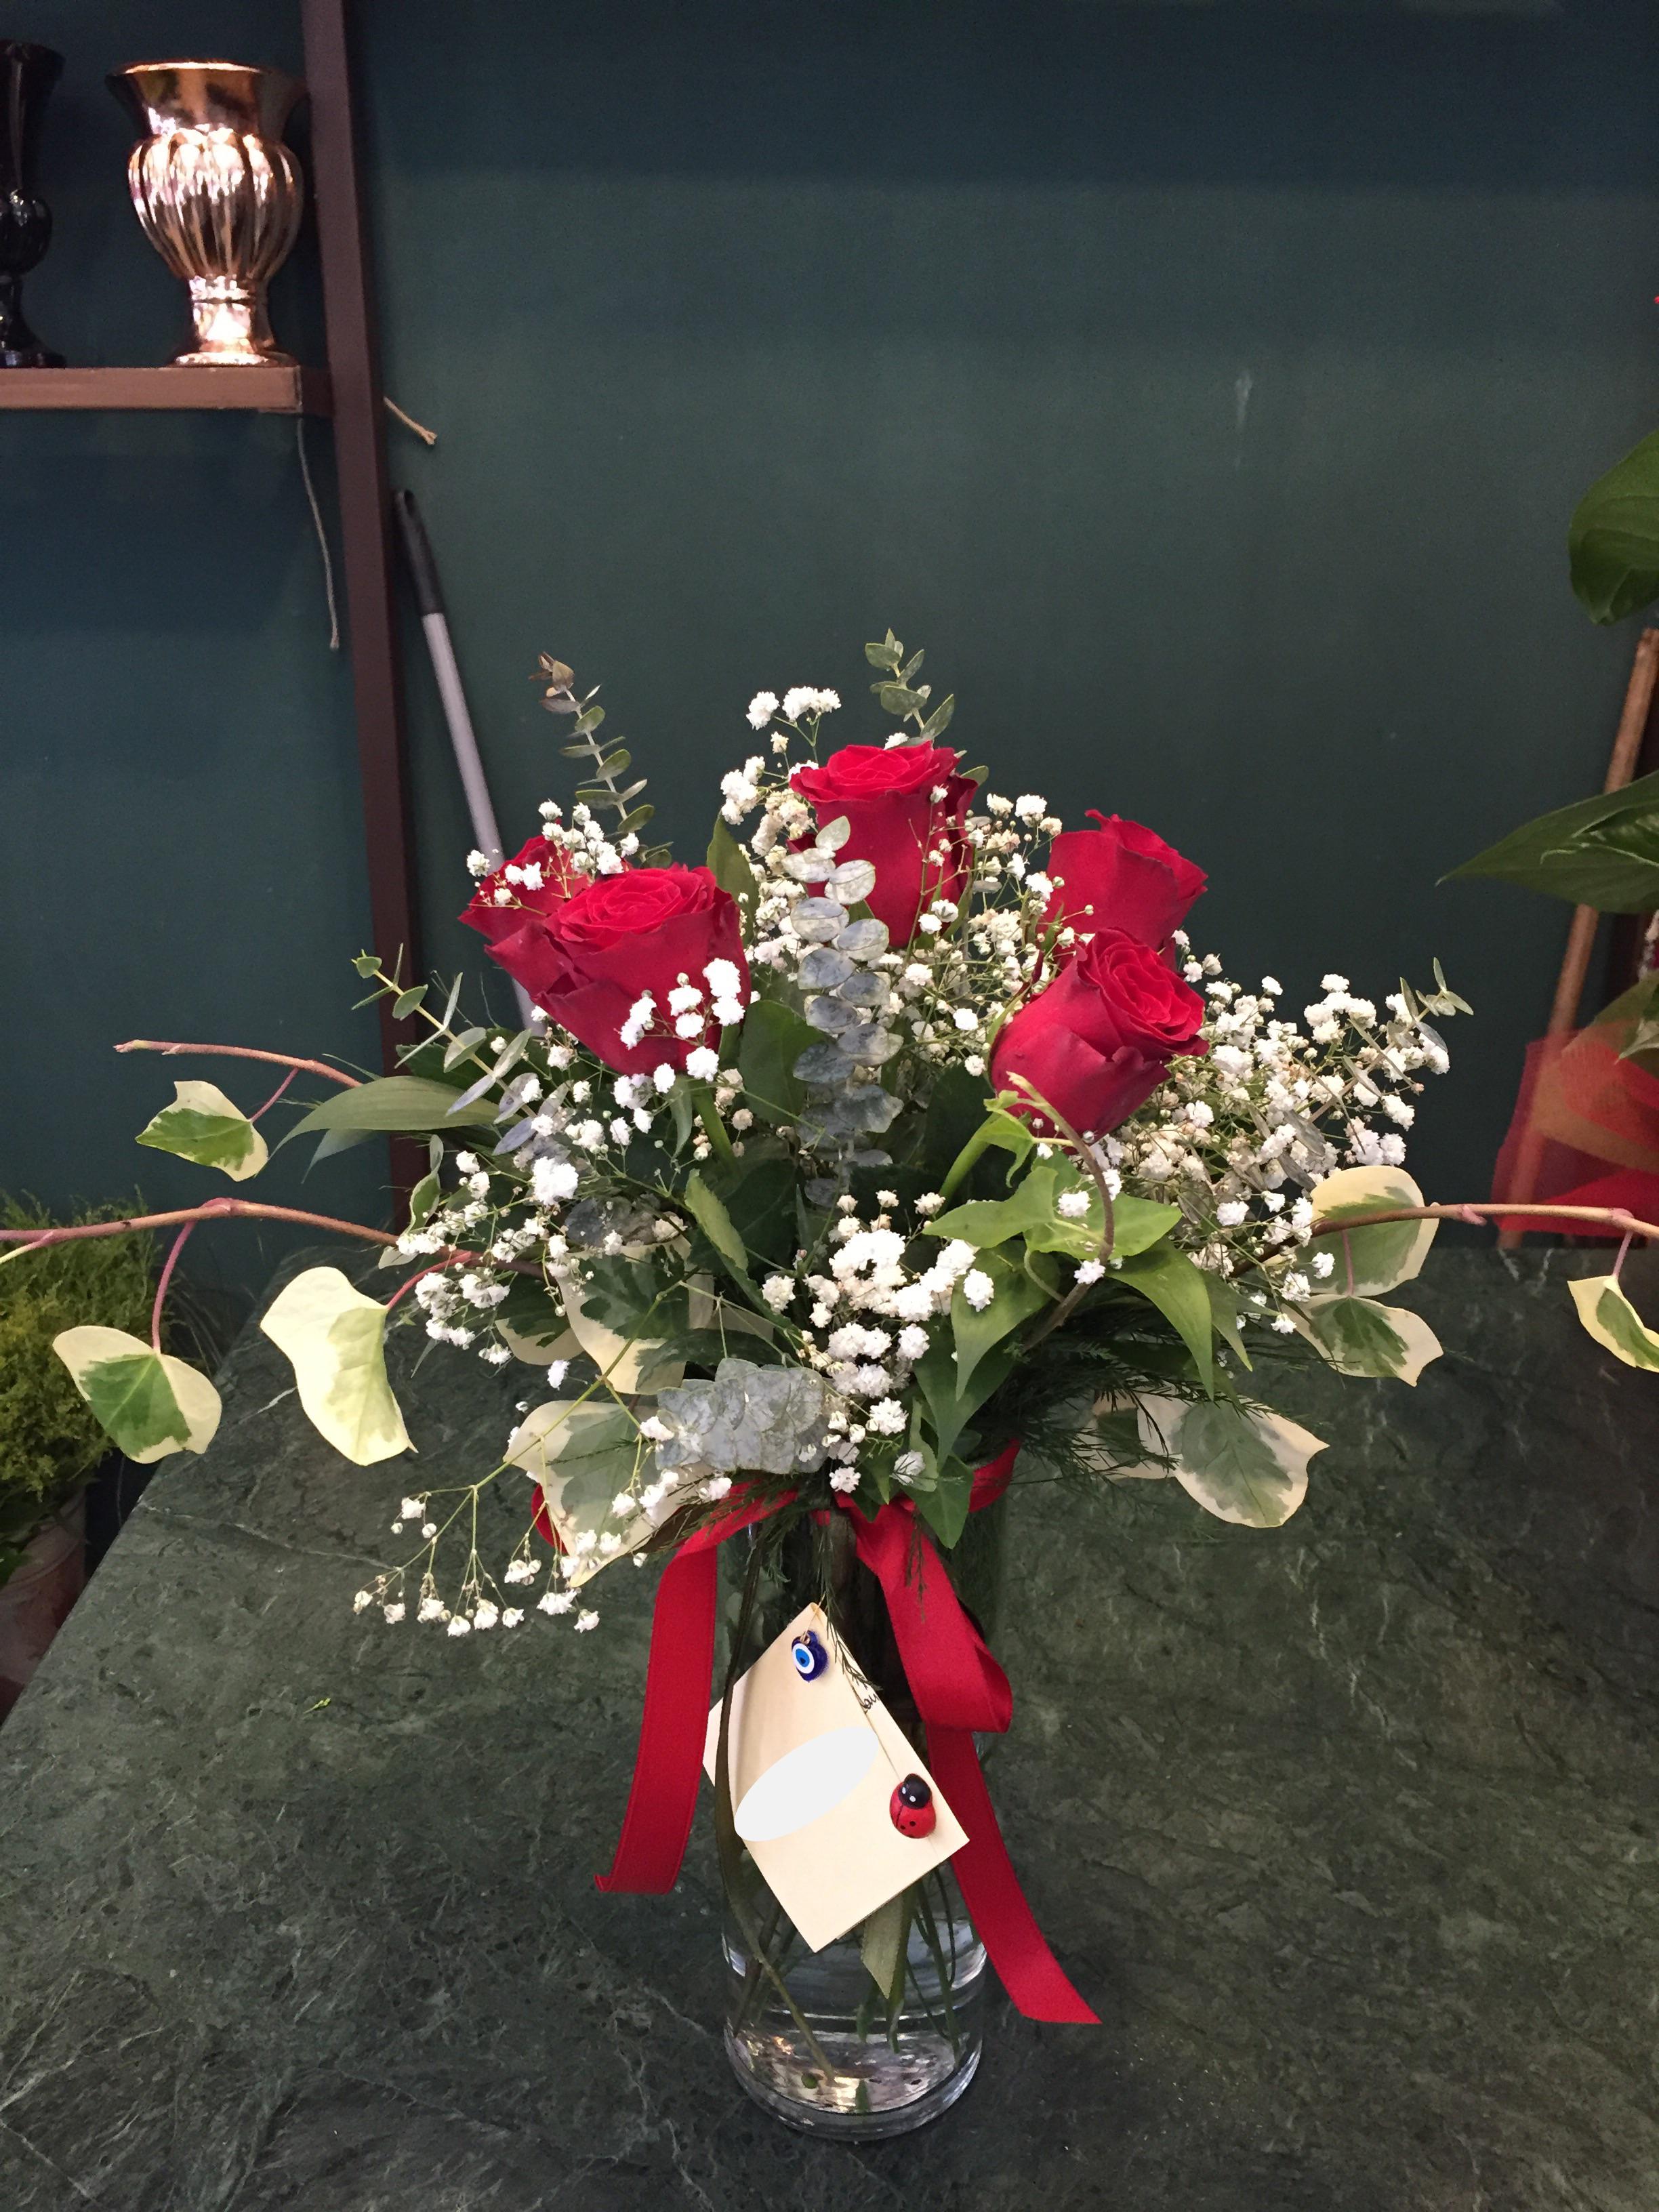 Türkiye Çiçek ile giden sipariş.